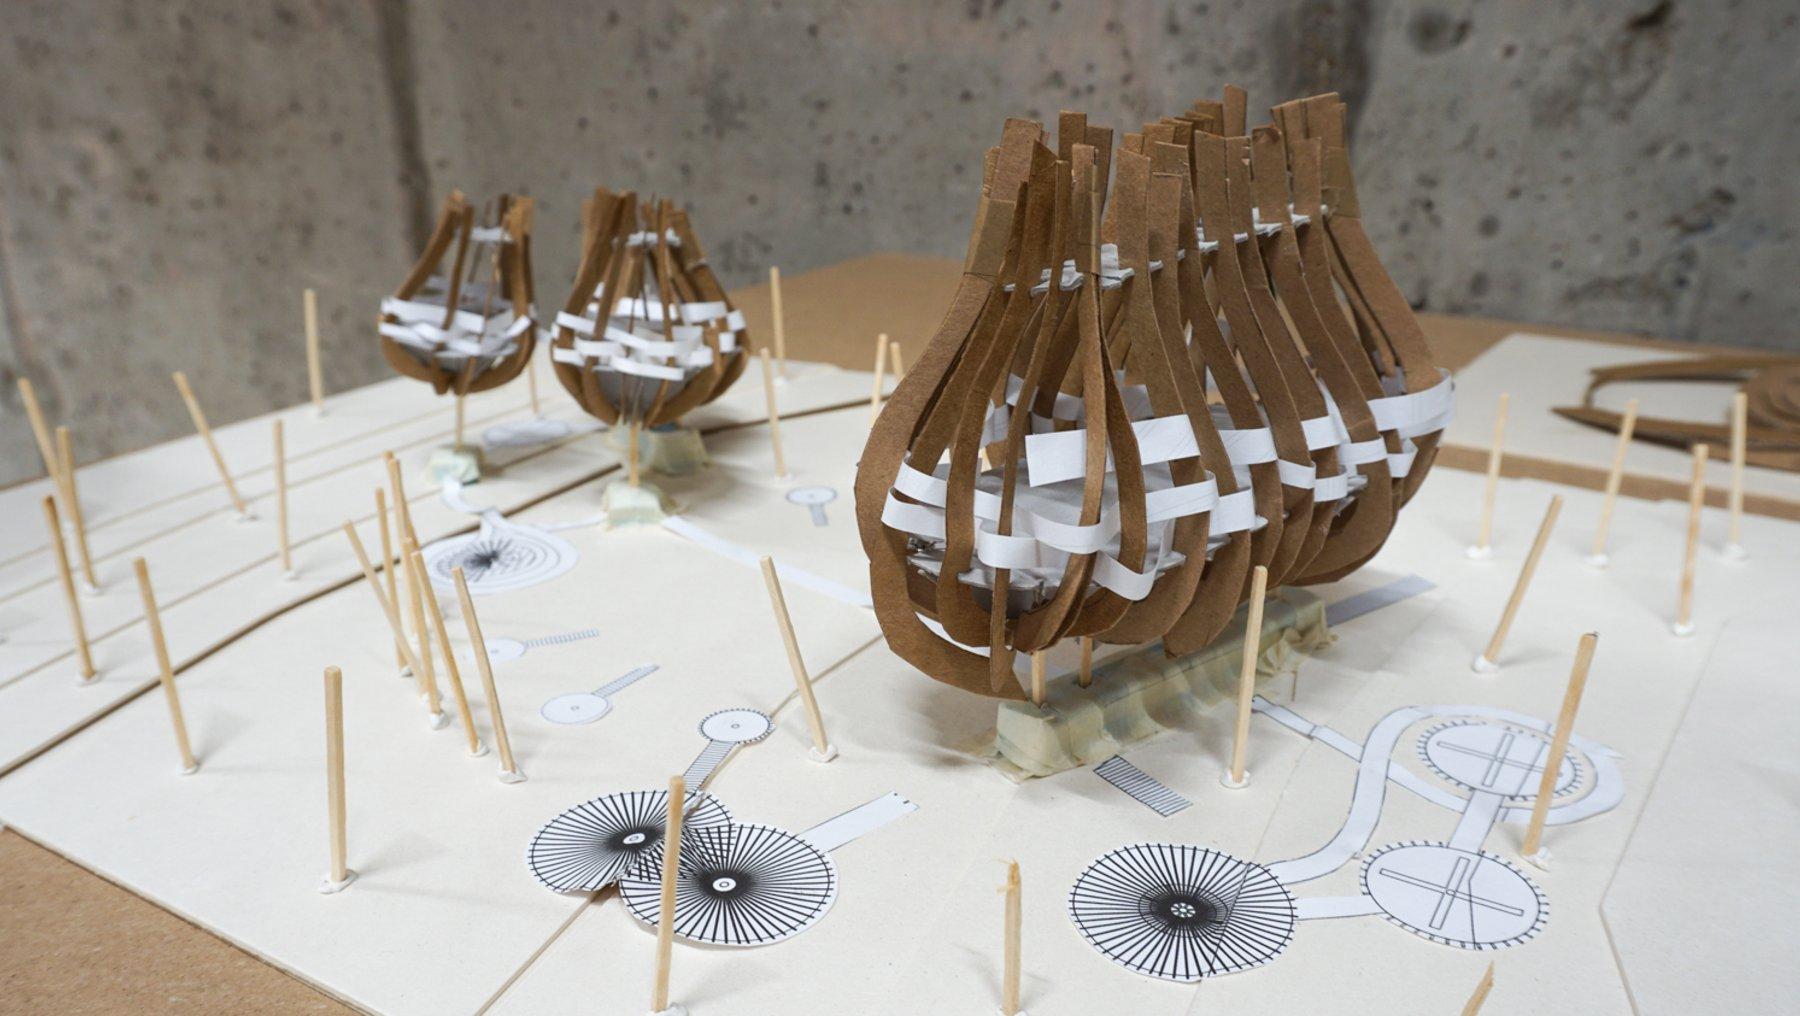 Pandhaus - Entwurfsmodell